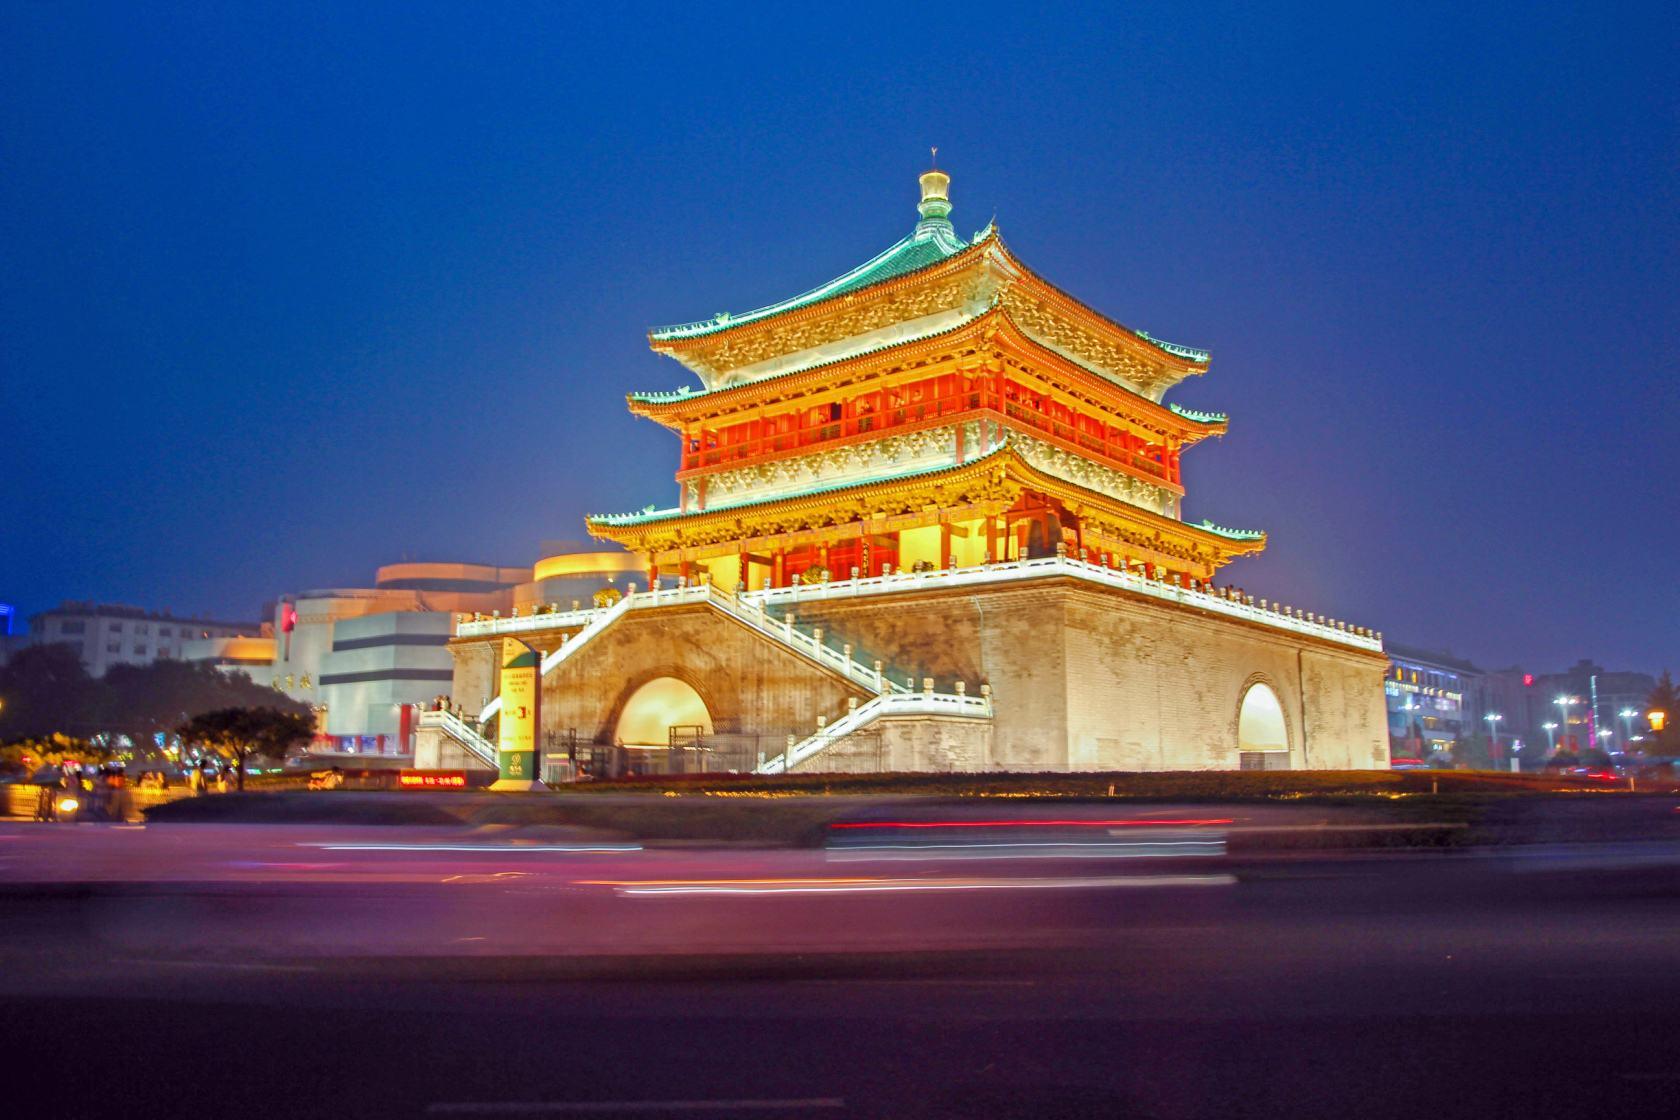 西安市区景点门票_想去西安旅游,西安各景点的门票具体是多少-